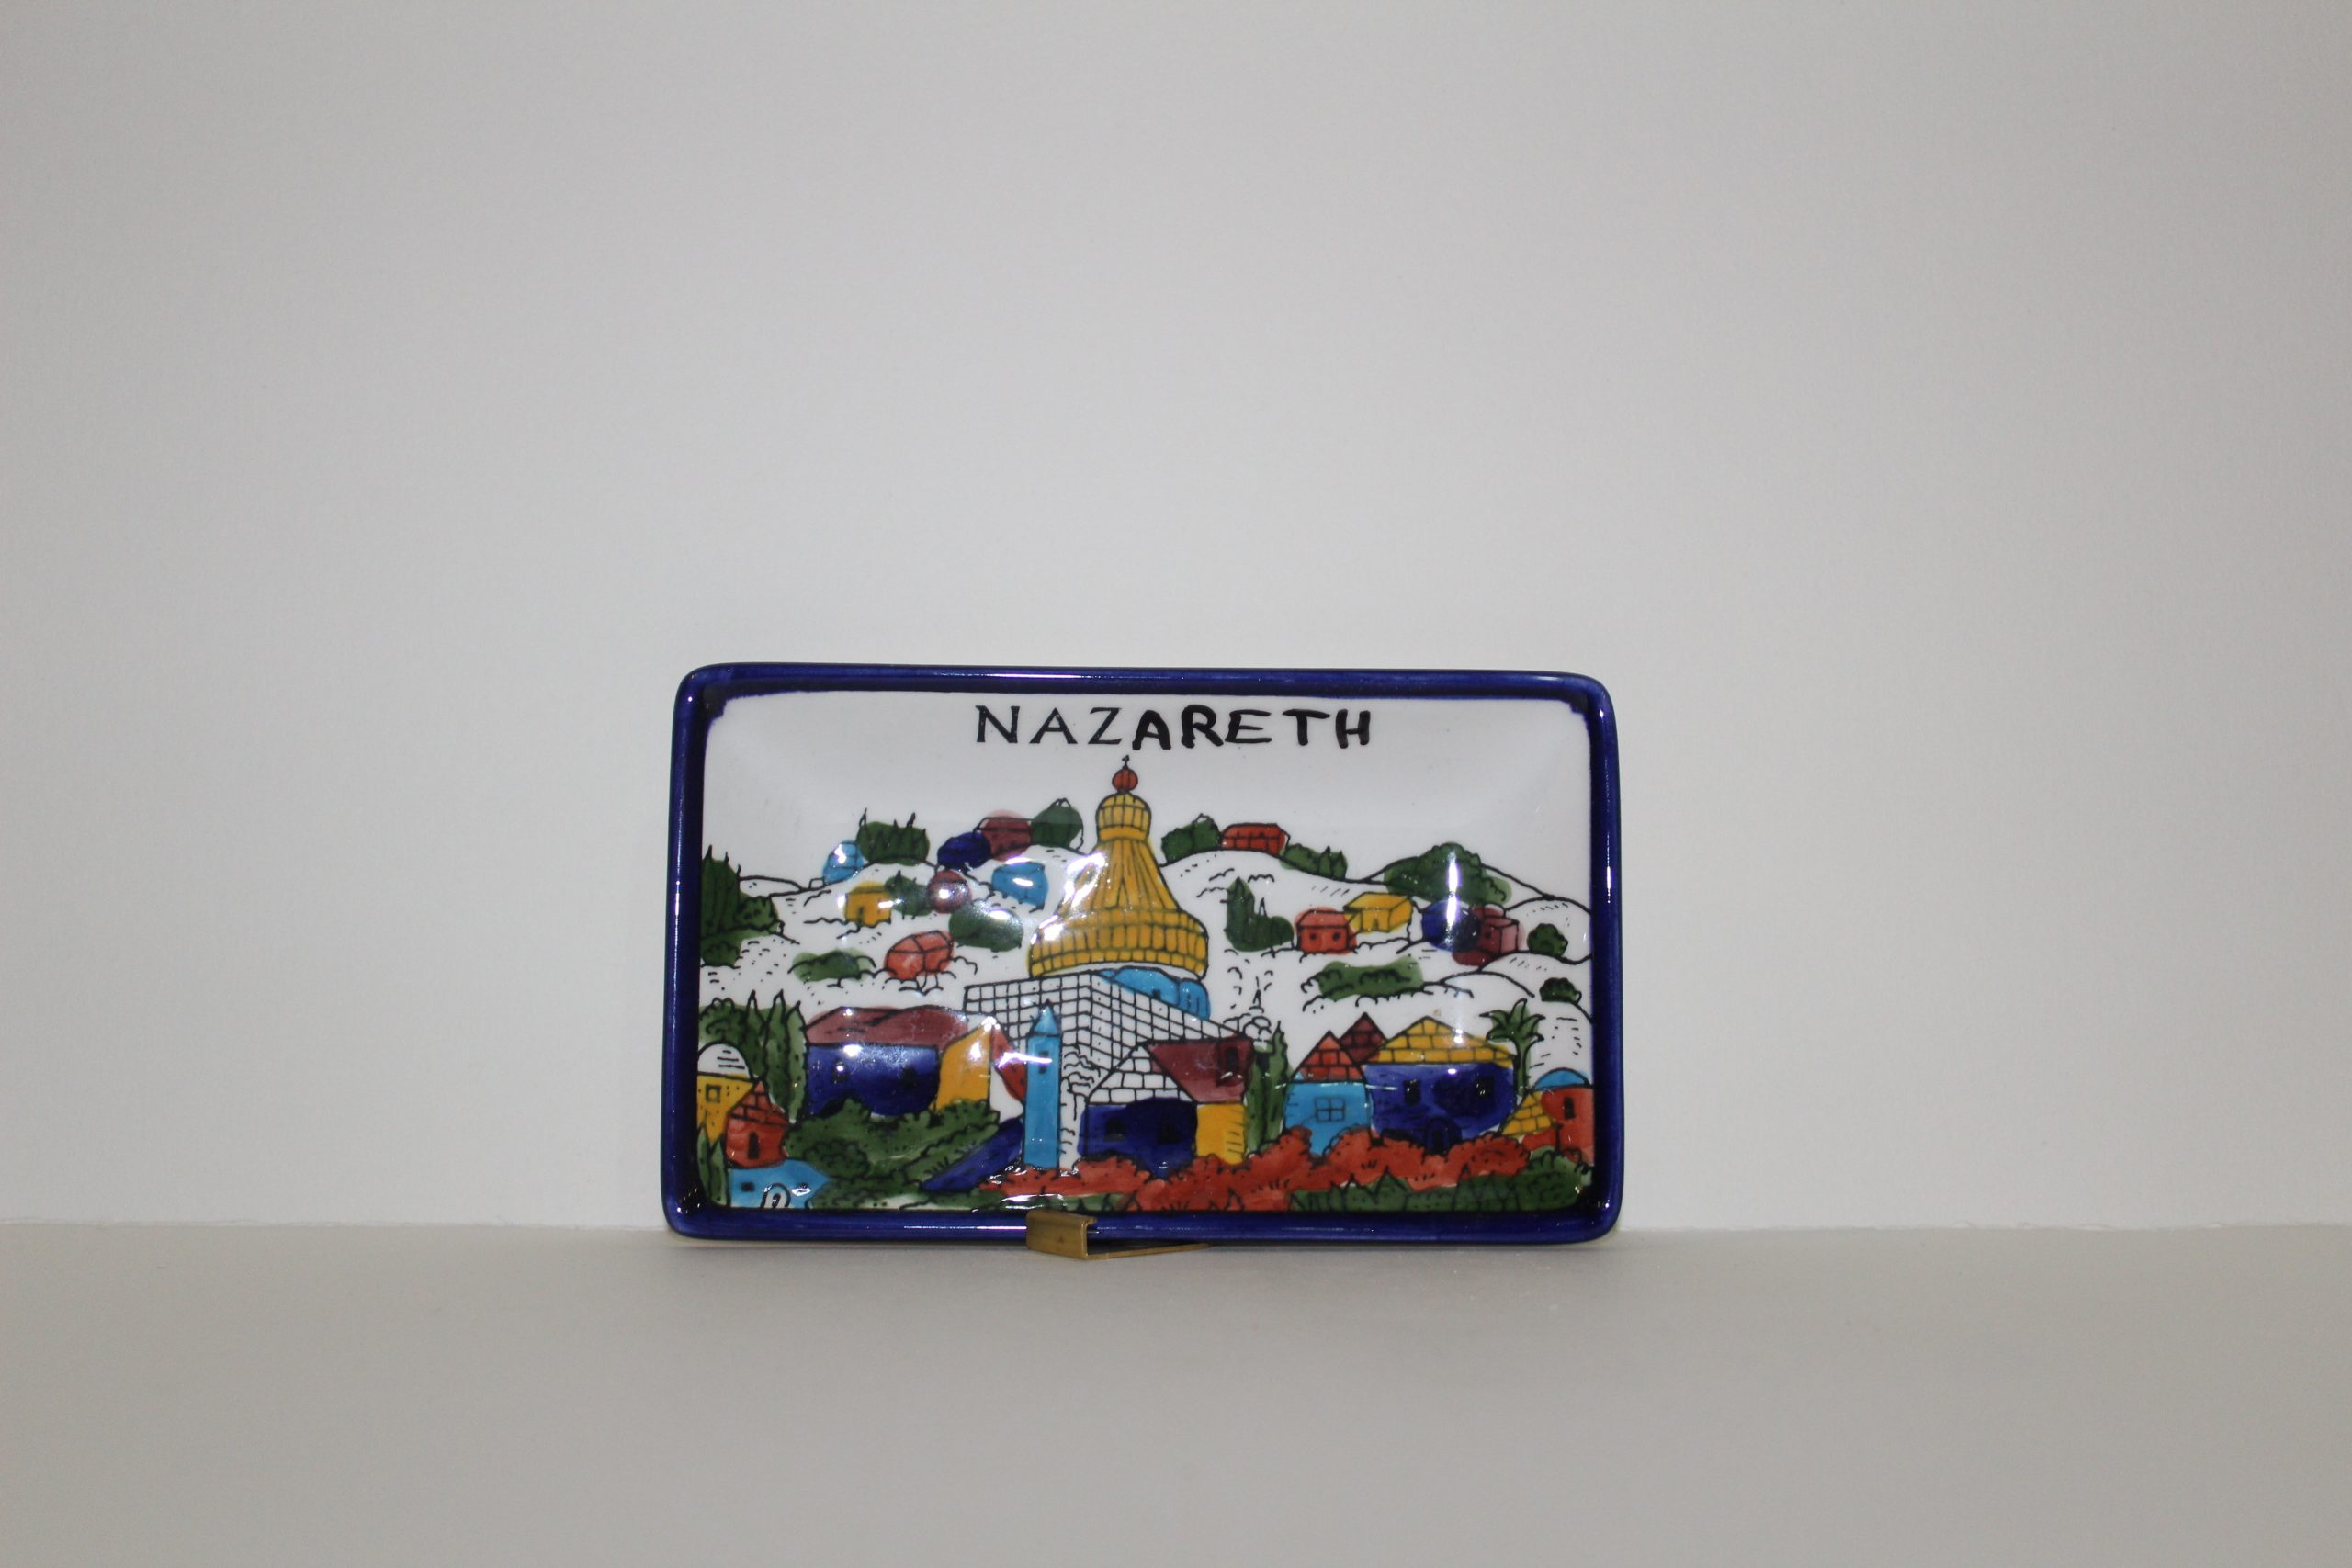 NAZARETH PLATE